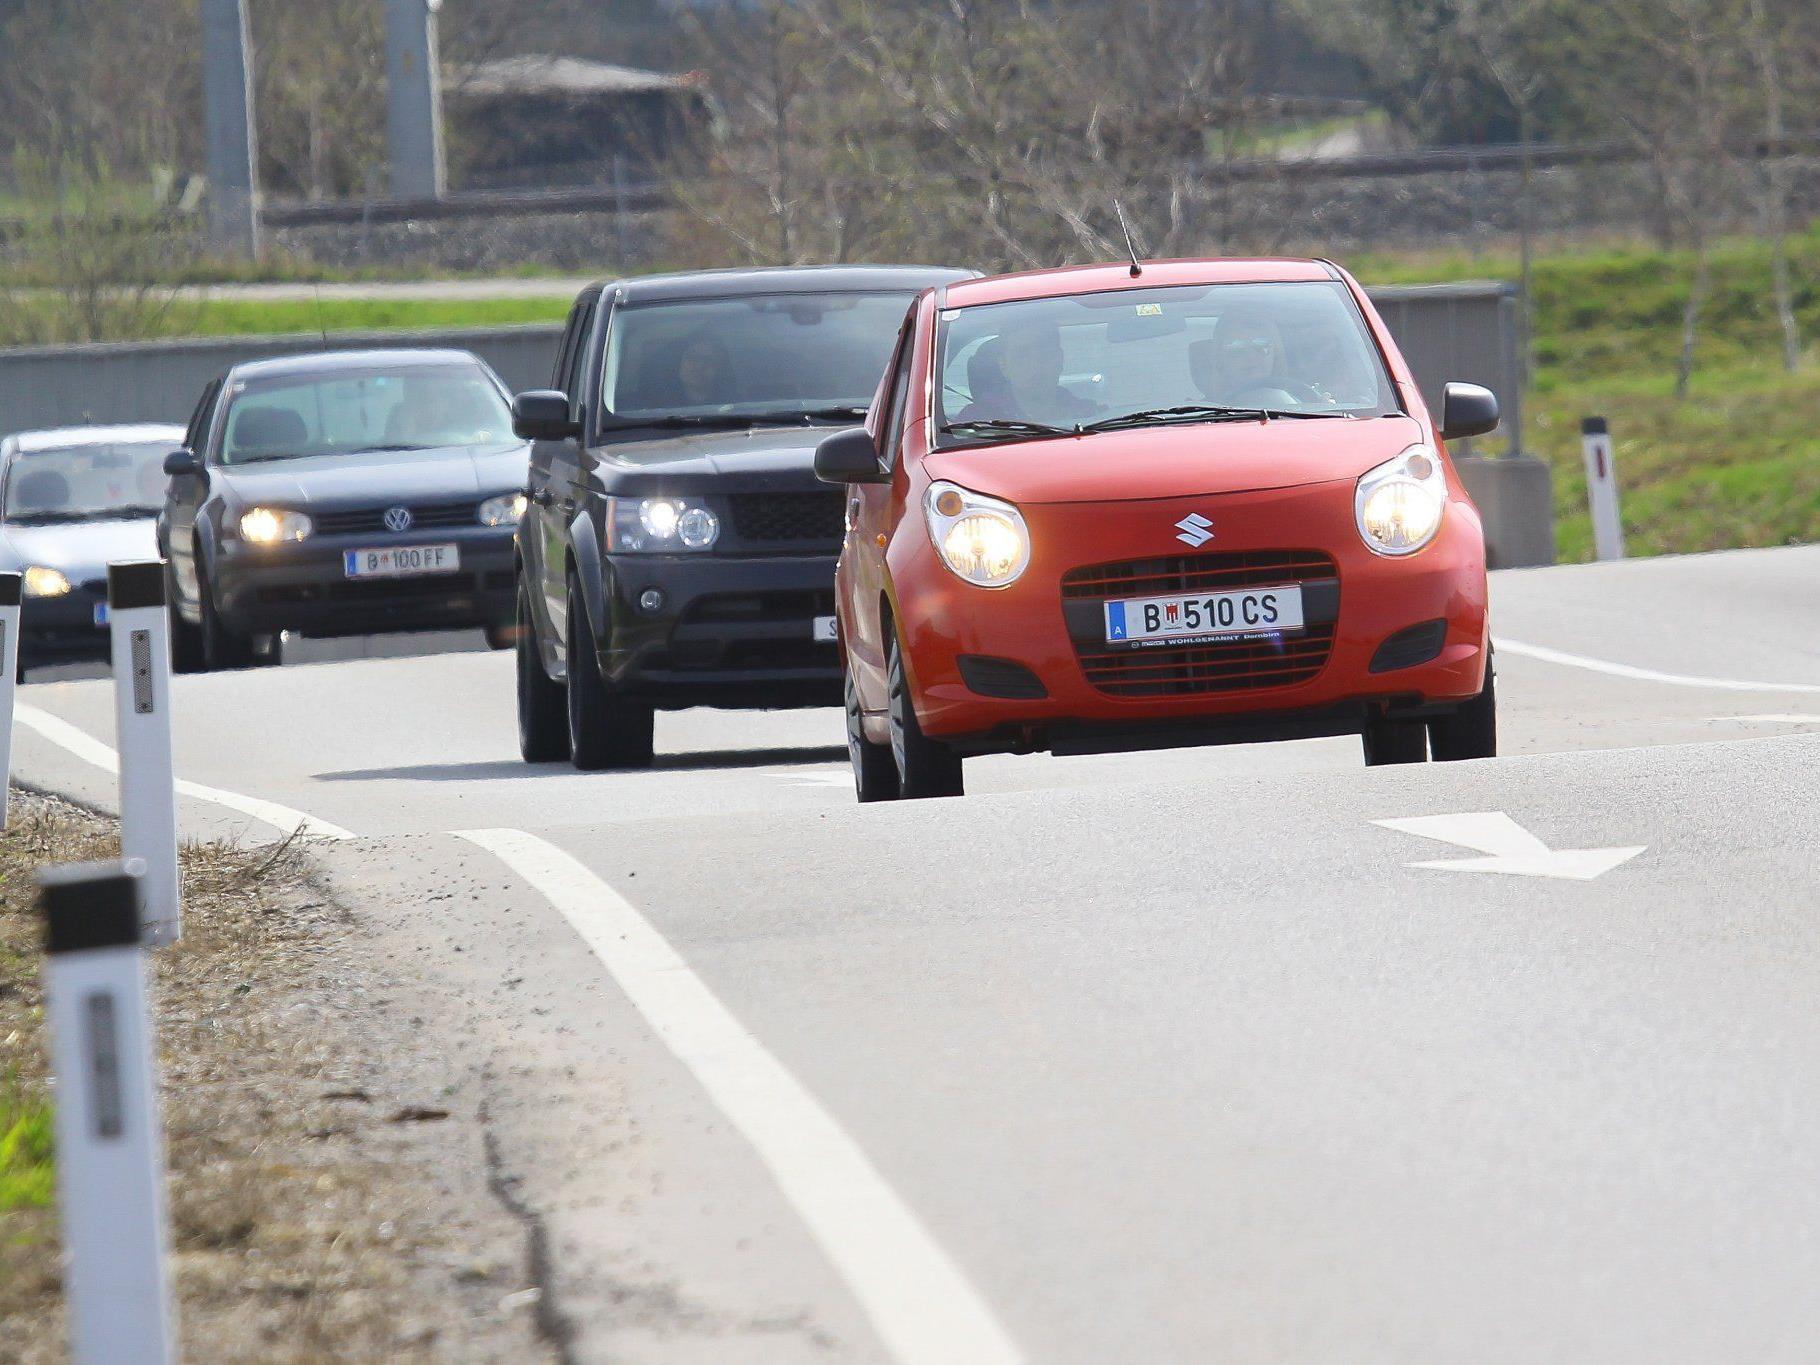 Durch den richtigen Umgang mit Gaspedal, Schaltknüppel und Kupplung können beim Autofahren 20 Prozent des Spritverbrauchs eingespart werden.